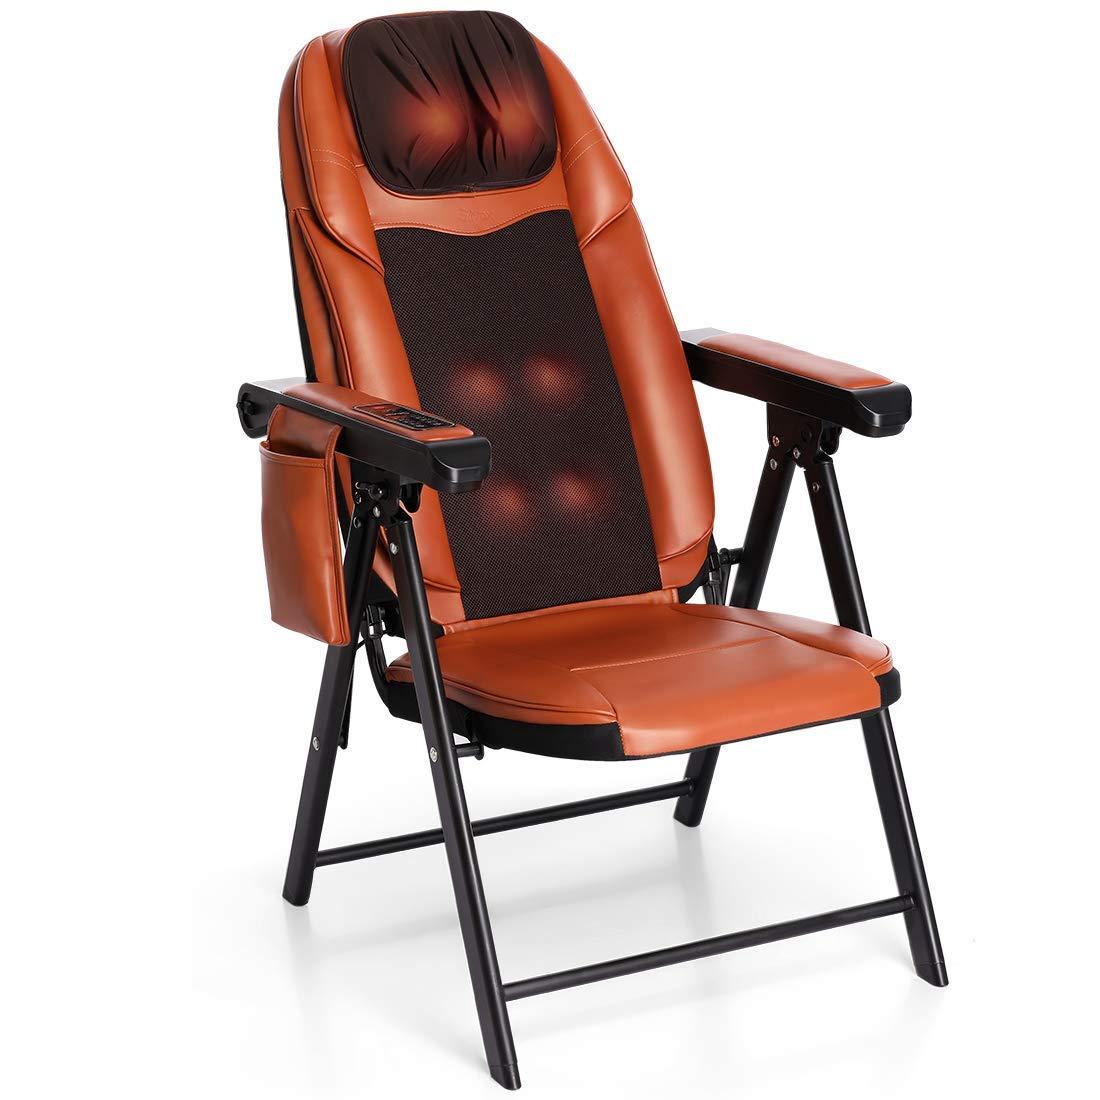 Folding Shiatsu Massage Chair Heat